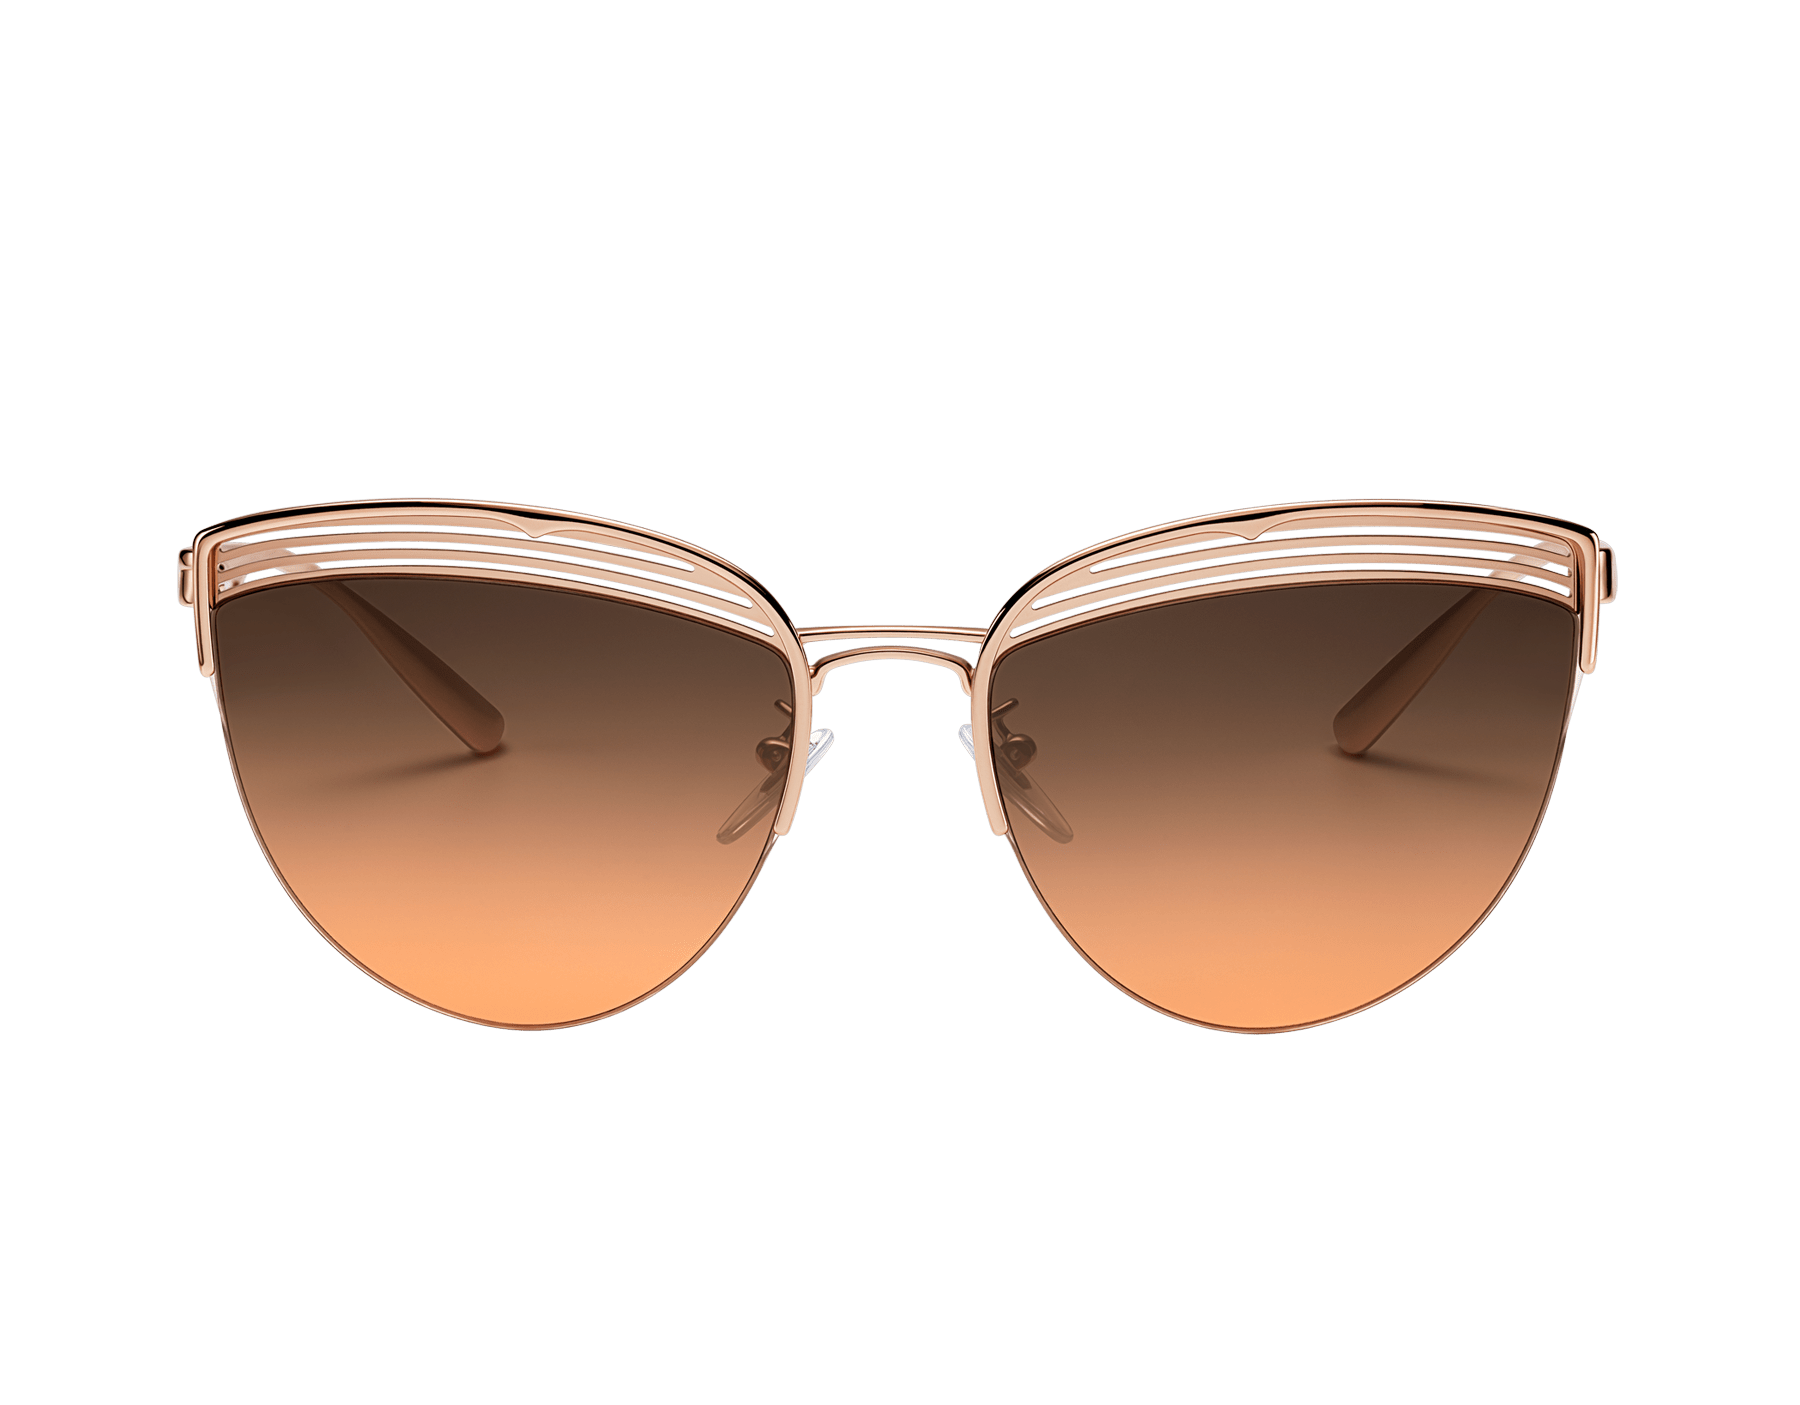 Bvlgari B.zero1 B.purevibes semi-rimless cat-eye metal sunglasses. 903715 image 2